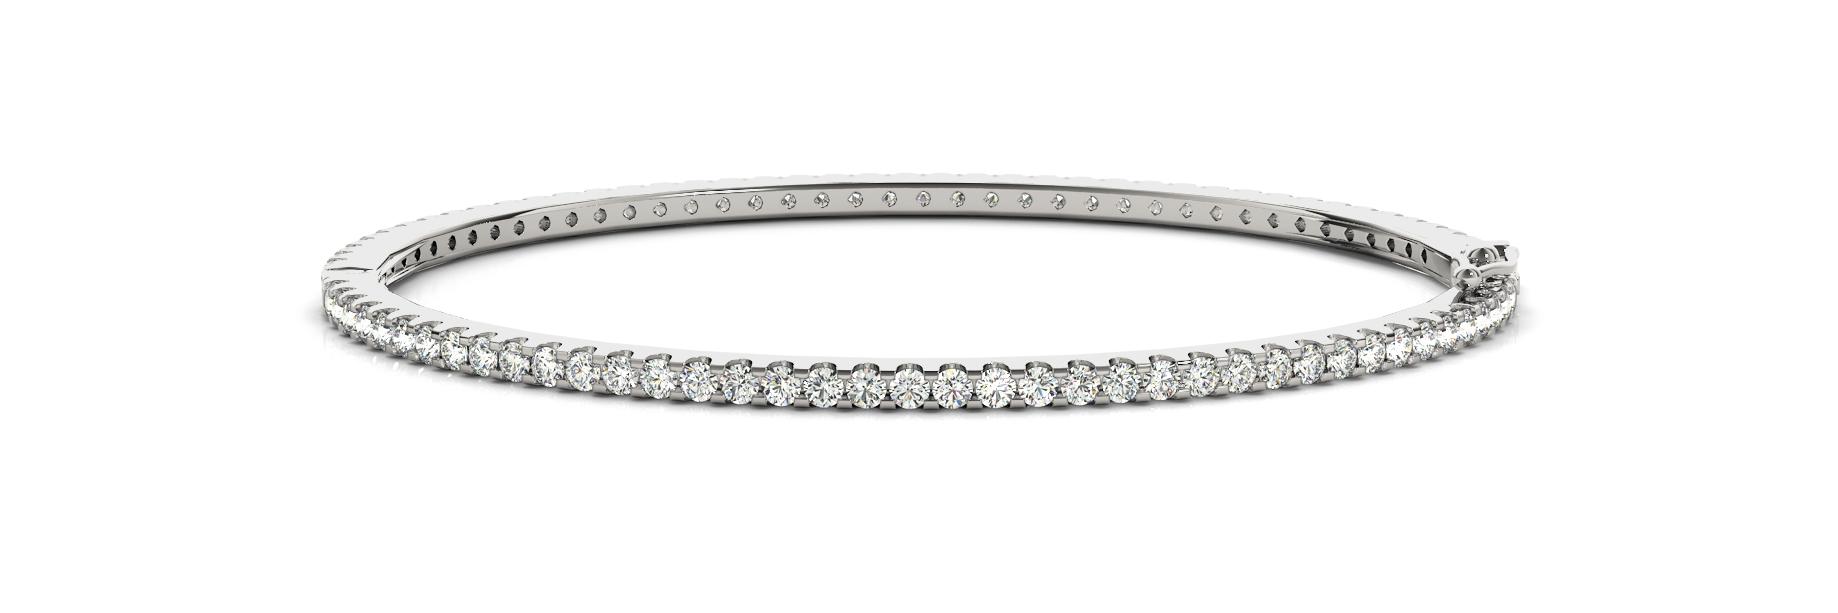 White Gold Shared Prong Eternity Hinged Bangle Bracelet